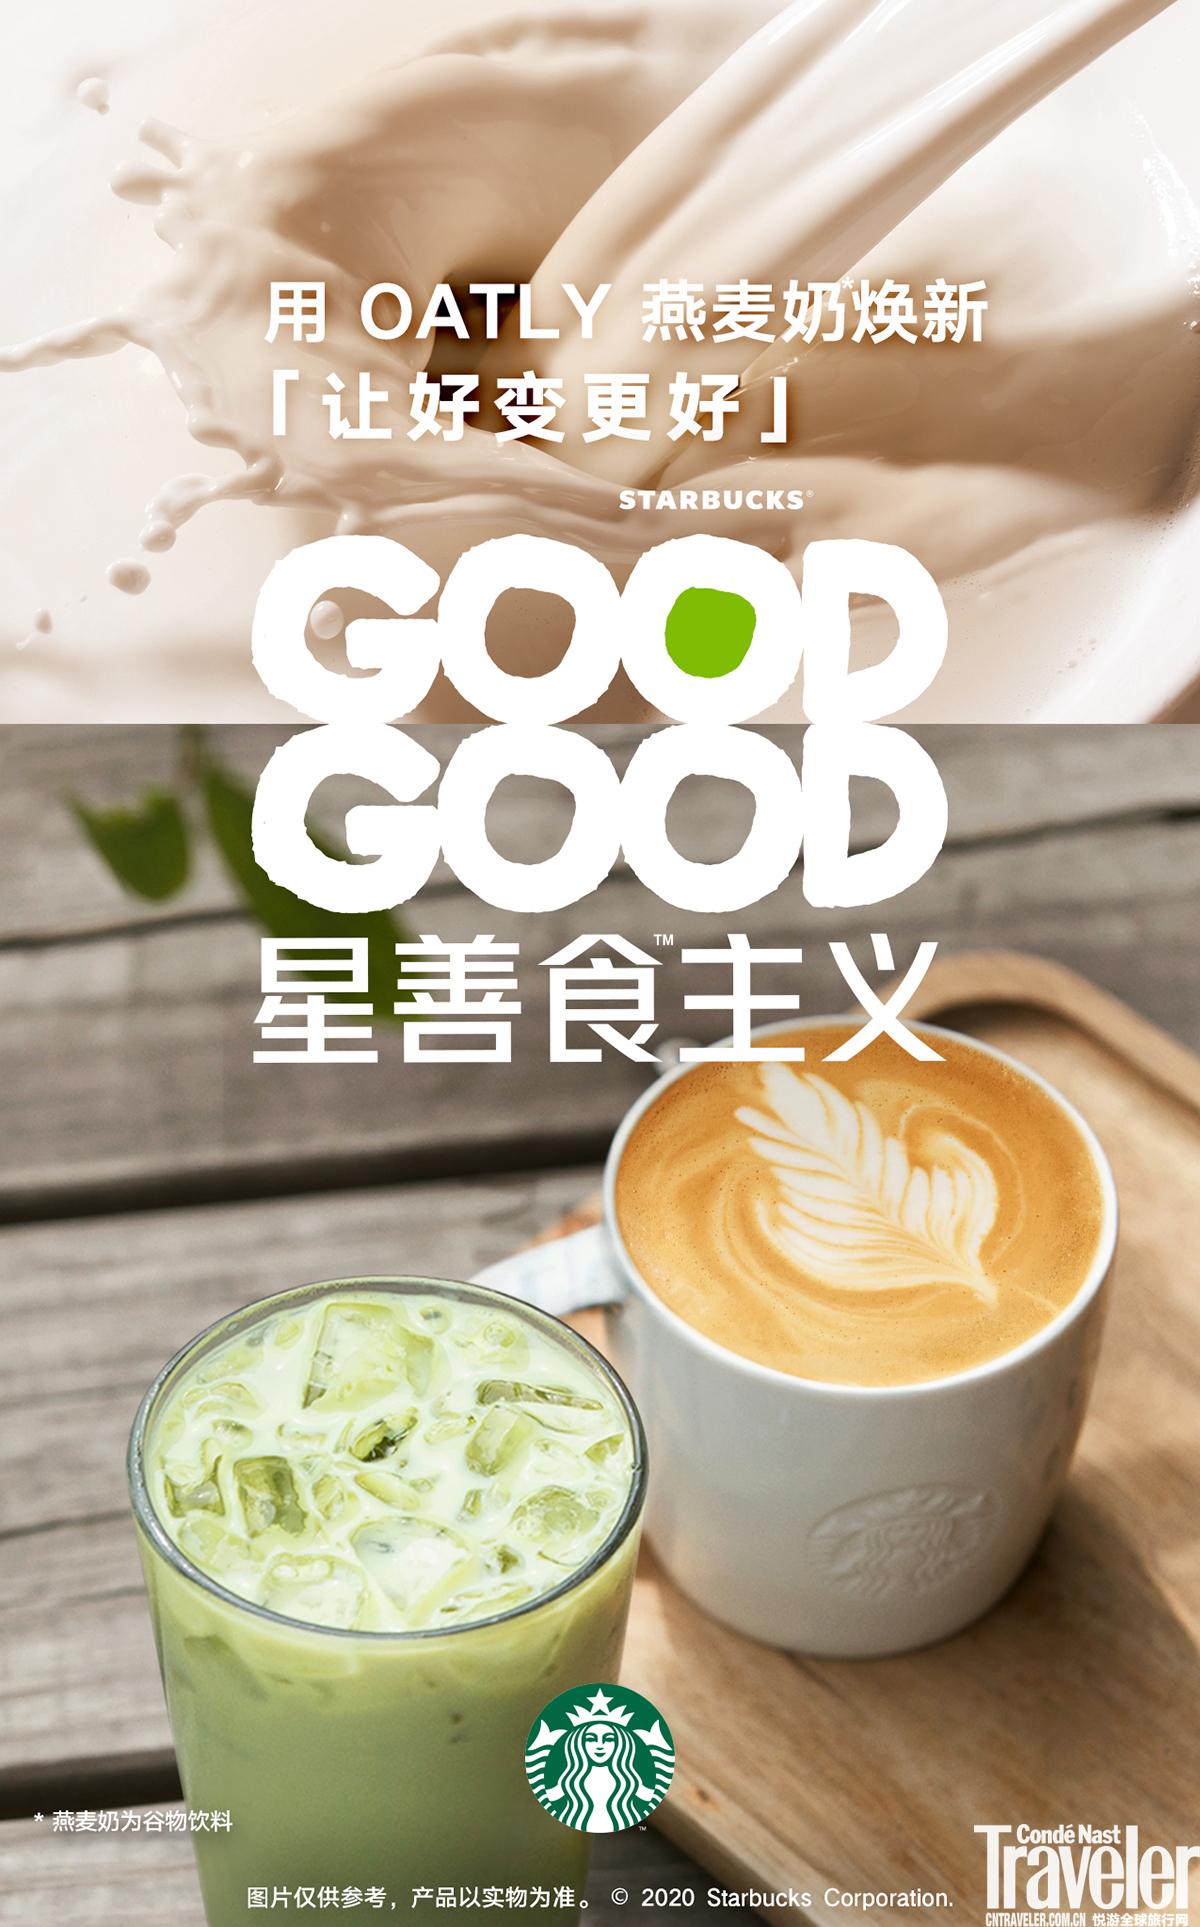 """可持續發展領導品牌OATLY噢麥力與星巴克開啟""""GOODGOOD星善食TM主義"""""""